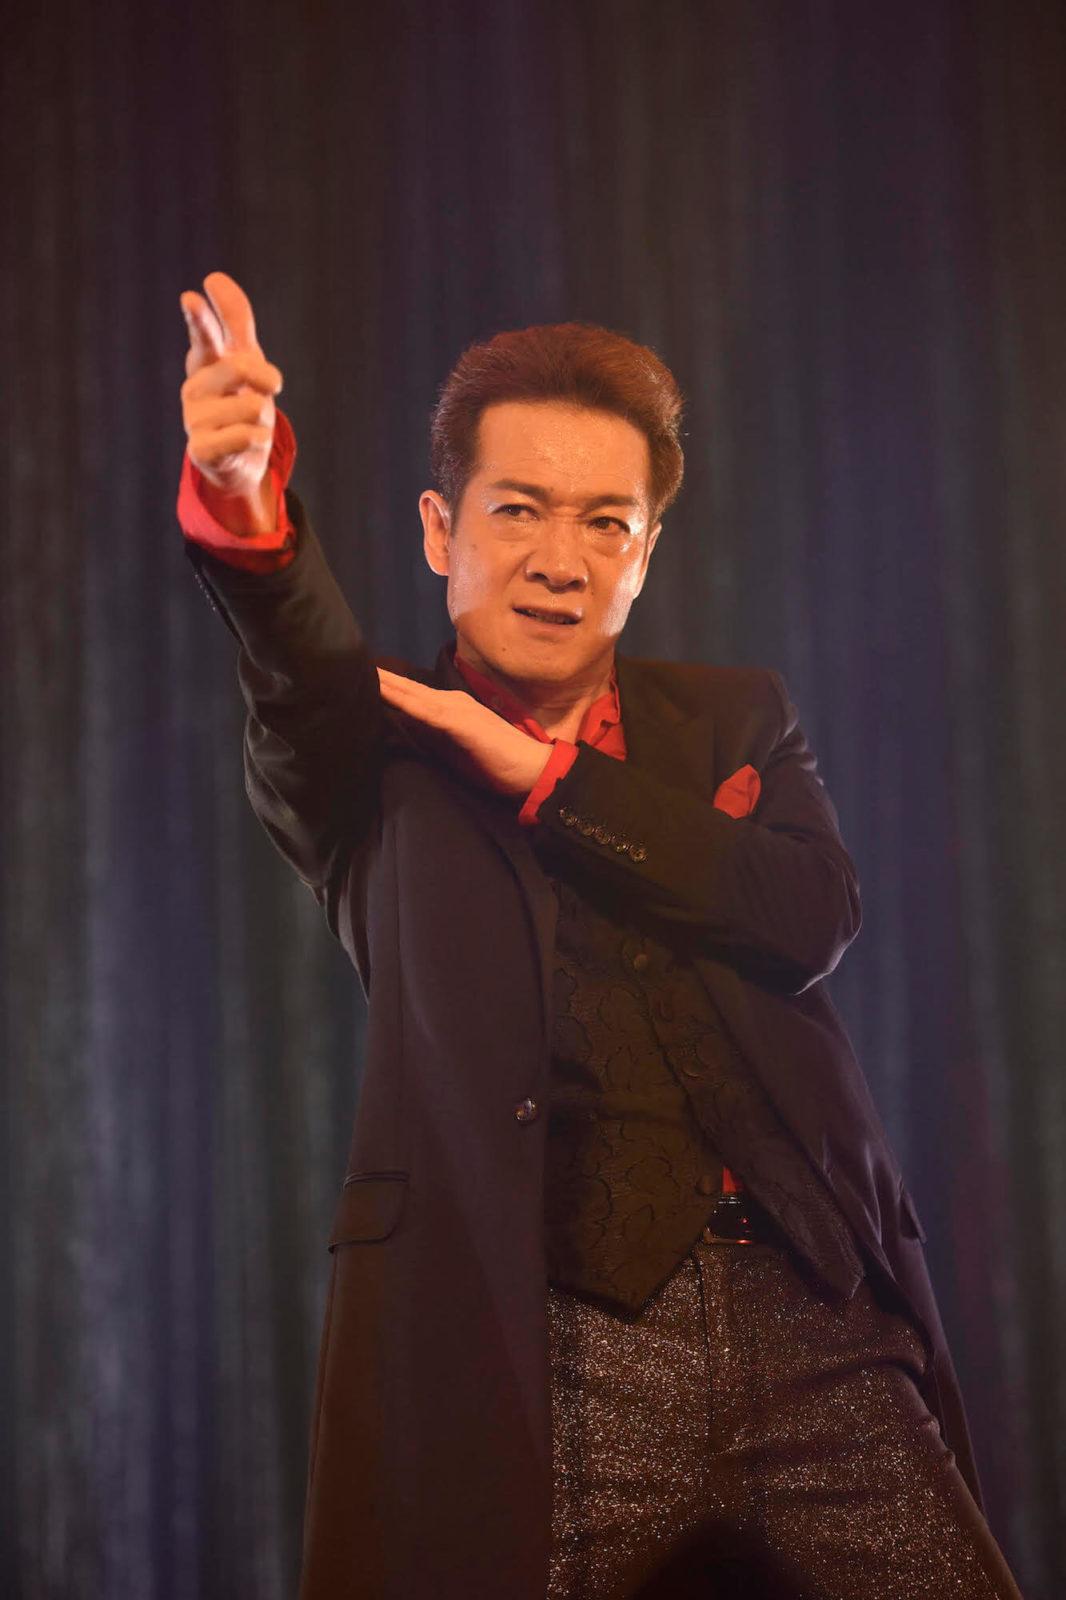 田原俊彦、ニューシングルリリース記念イベント開催!W杯でキングカズからの連絡と意外な素顔も明かすサムネイル画像